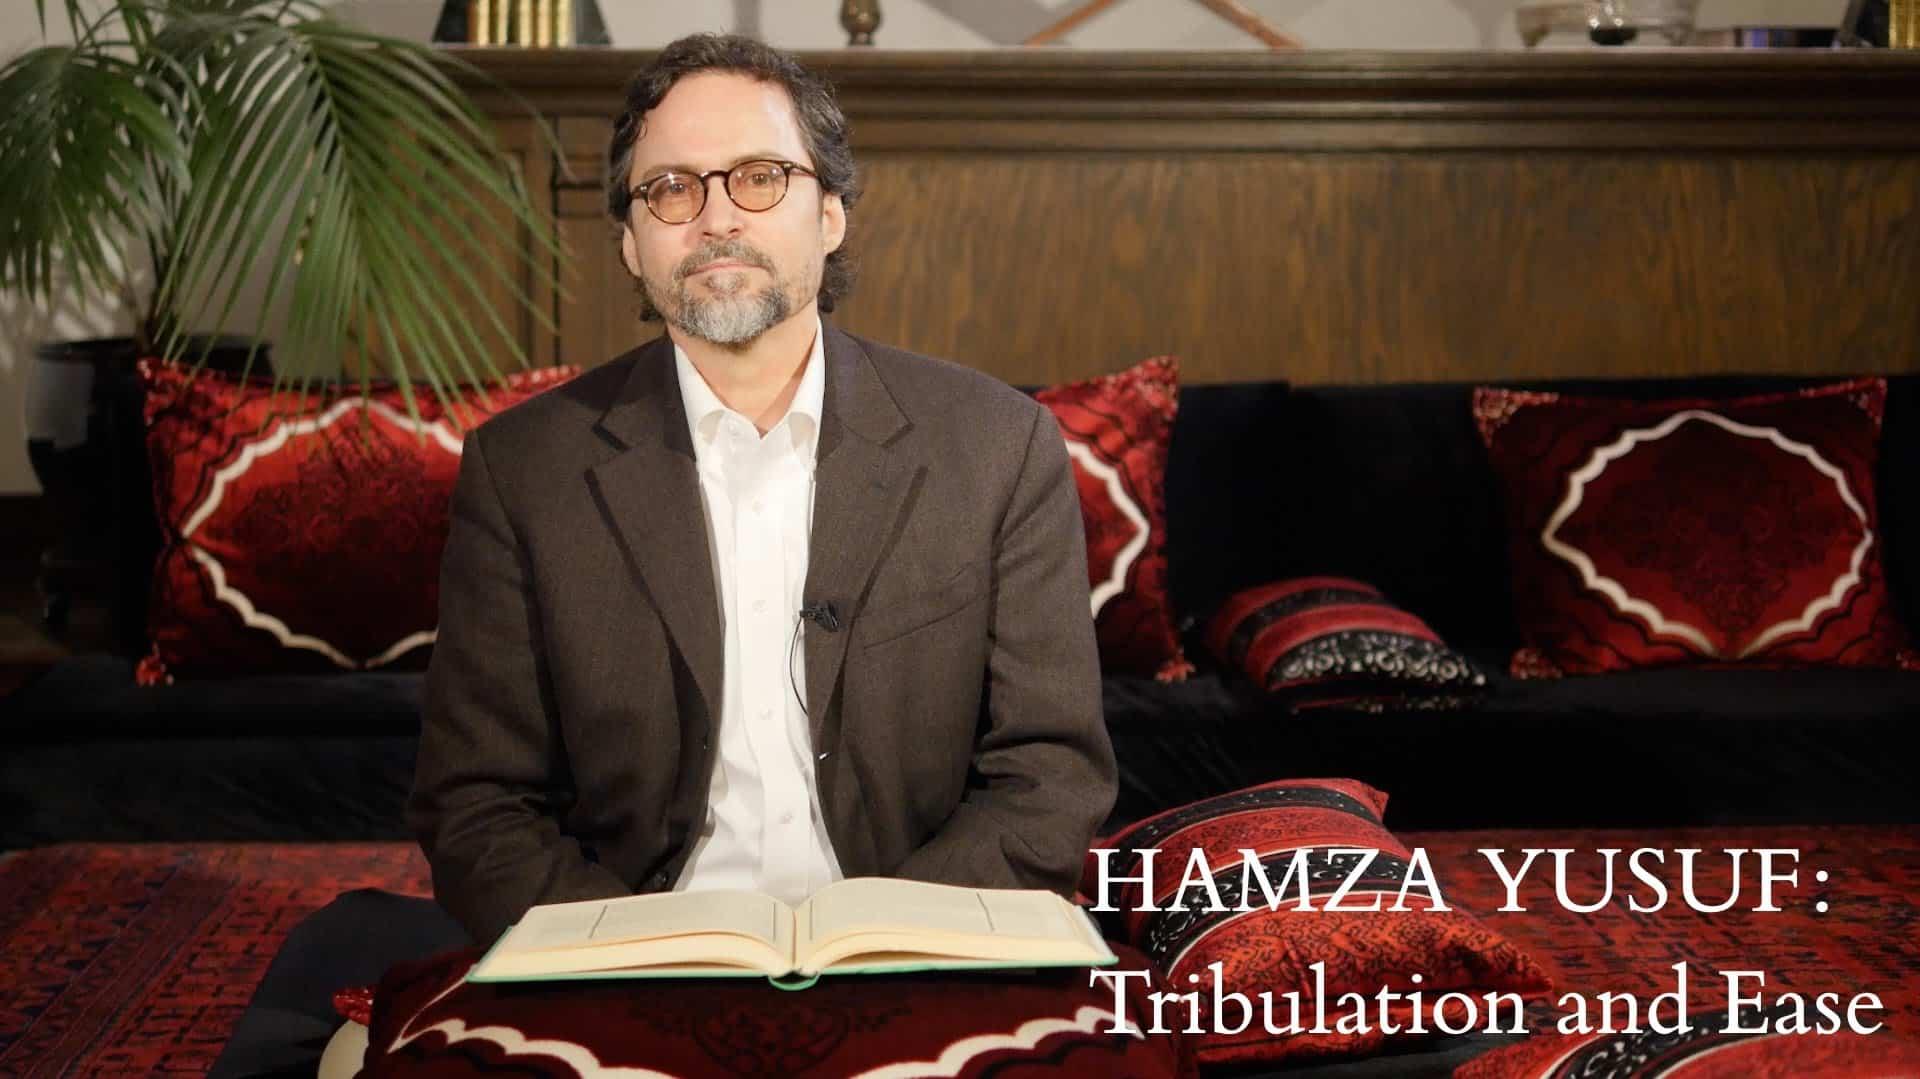 Hamza Yusuf – Tribulation and Ease